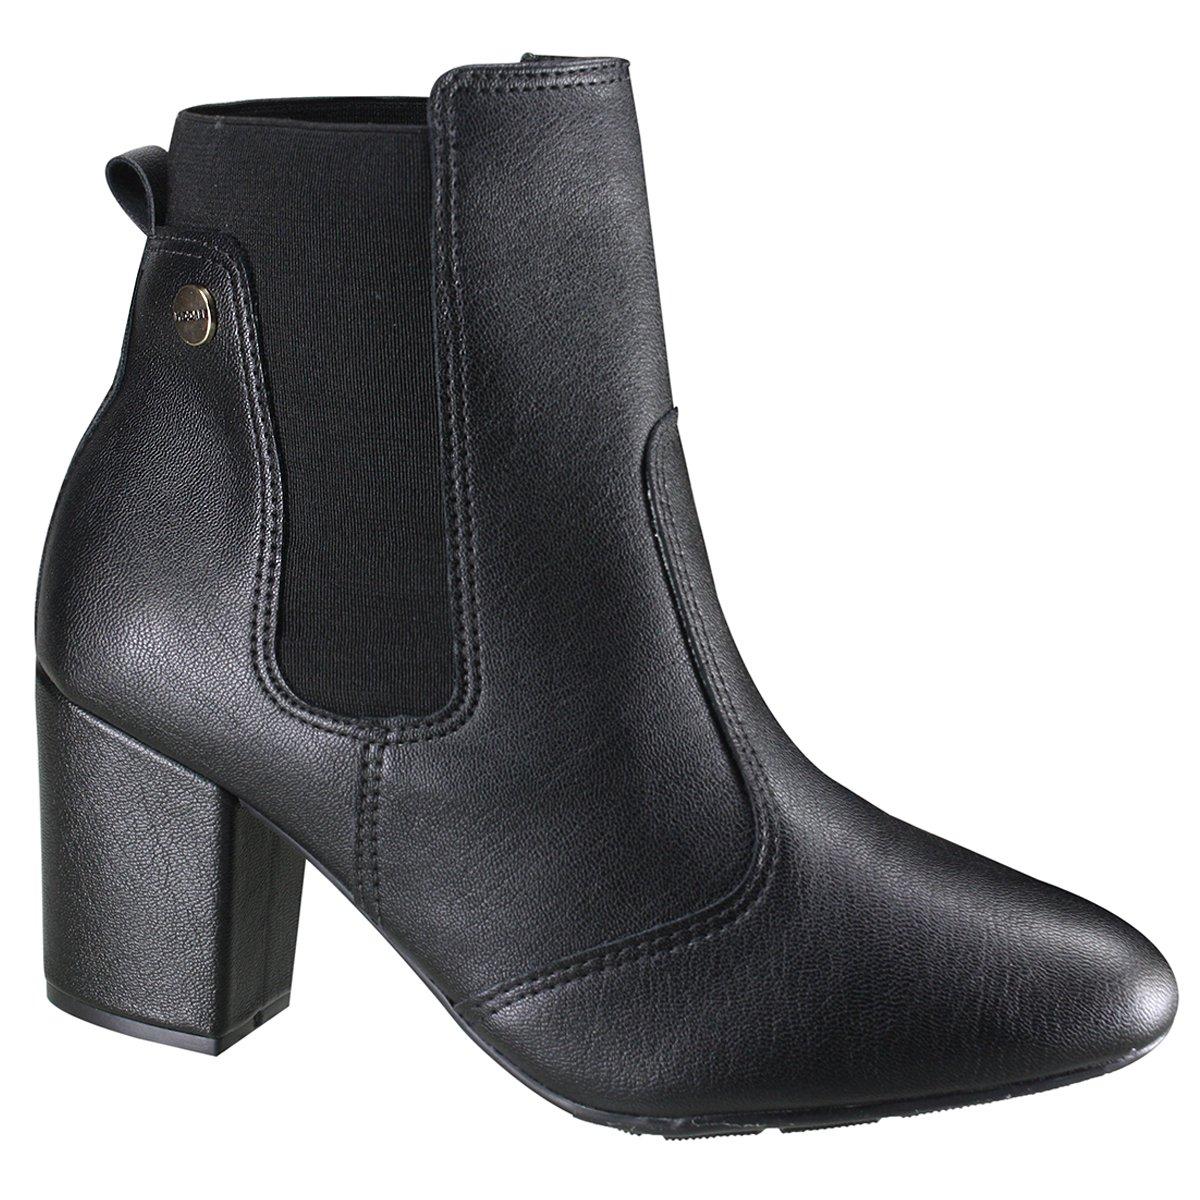 7e549f0fd3 Bota Modare Ultraconforto Ankle Boot Feminina 7063.103 17713 15787 ...